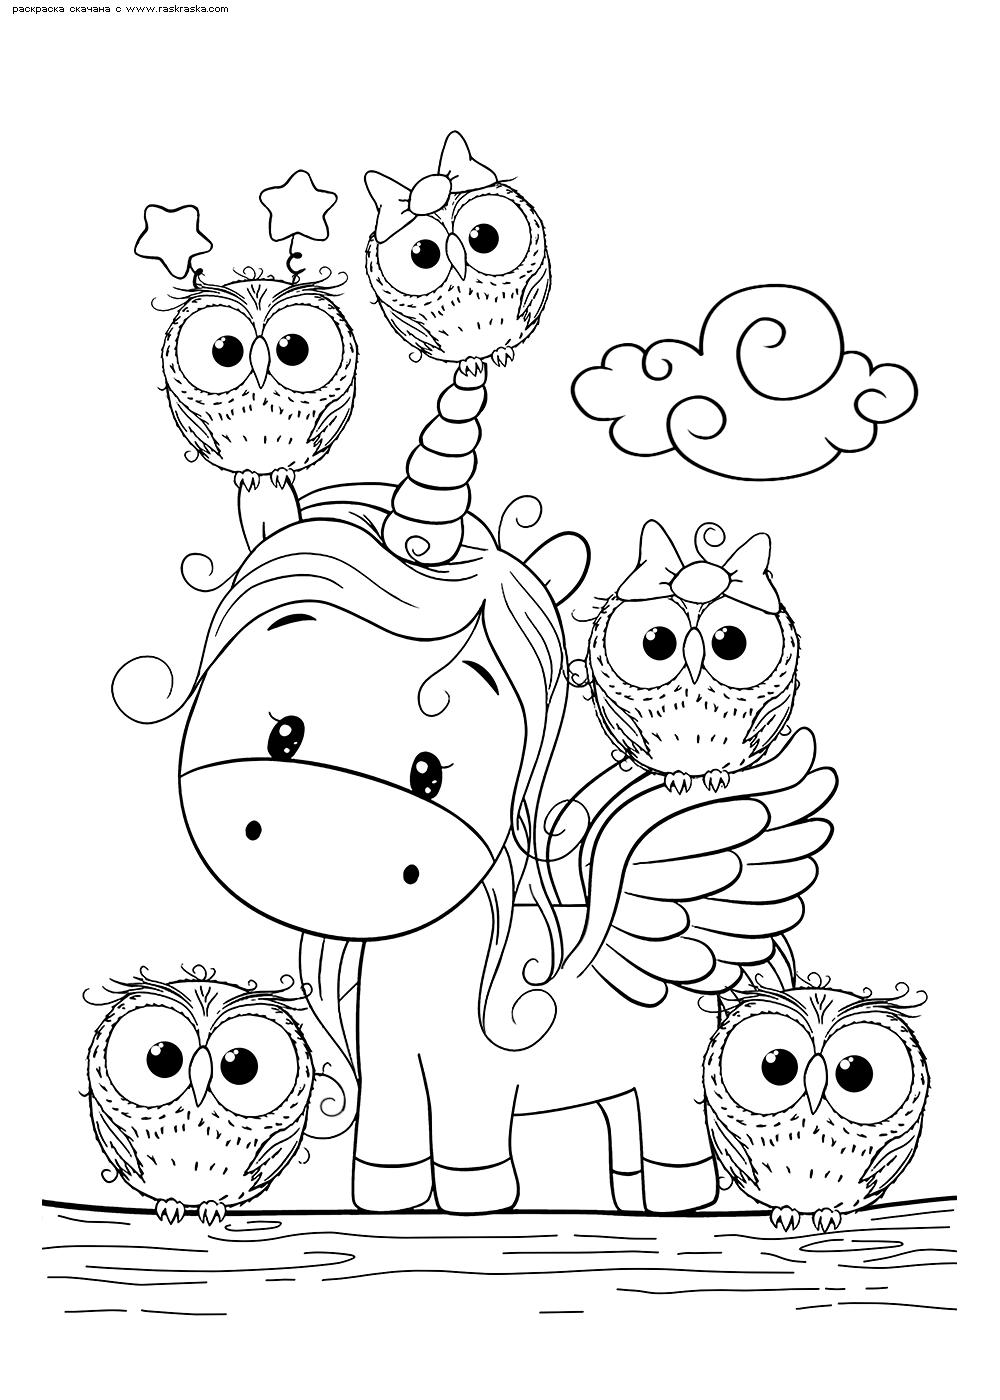 Раскраска Единорог и совята | Раскраски няшных животных ...